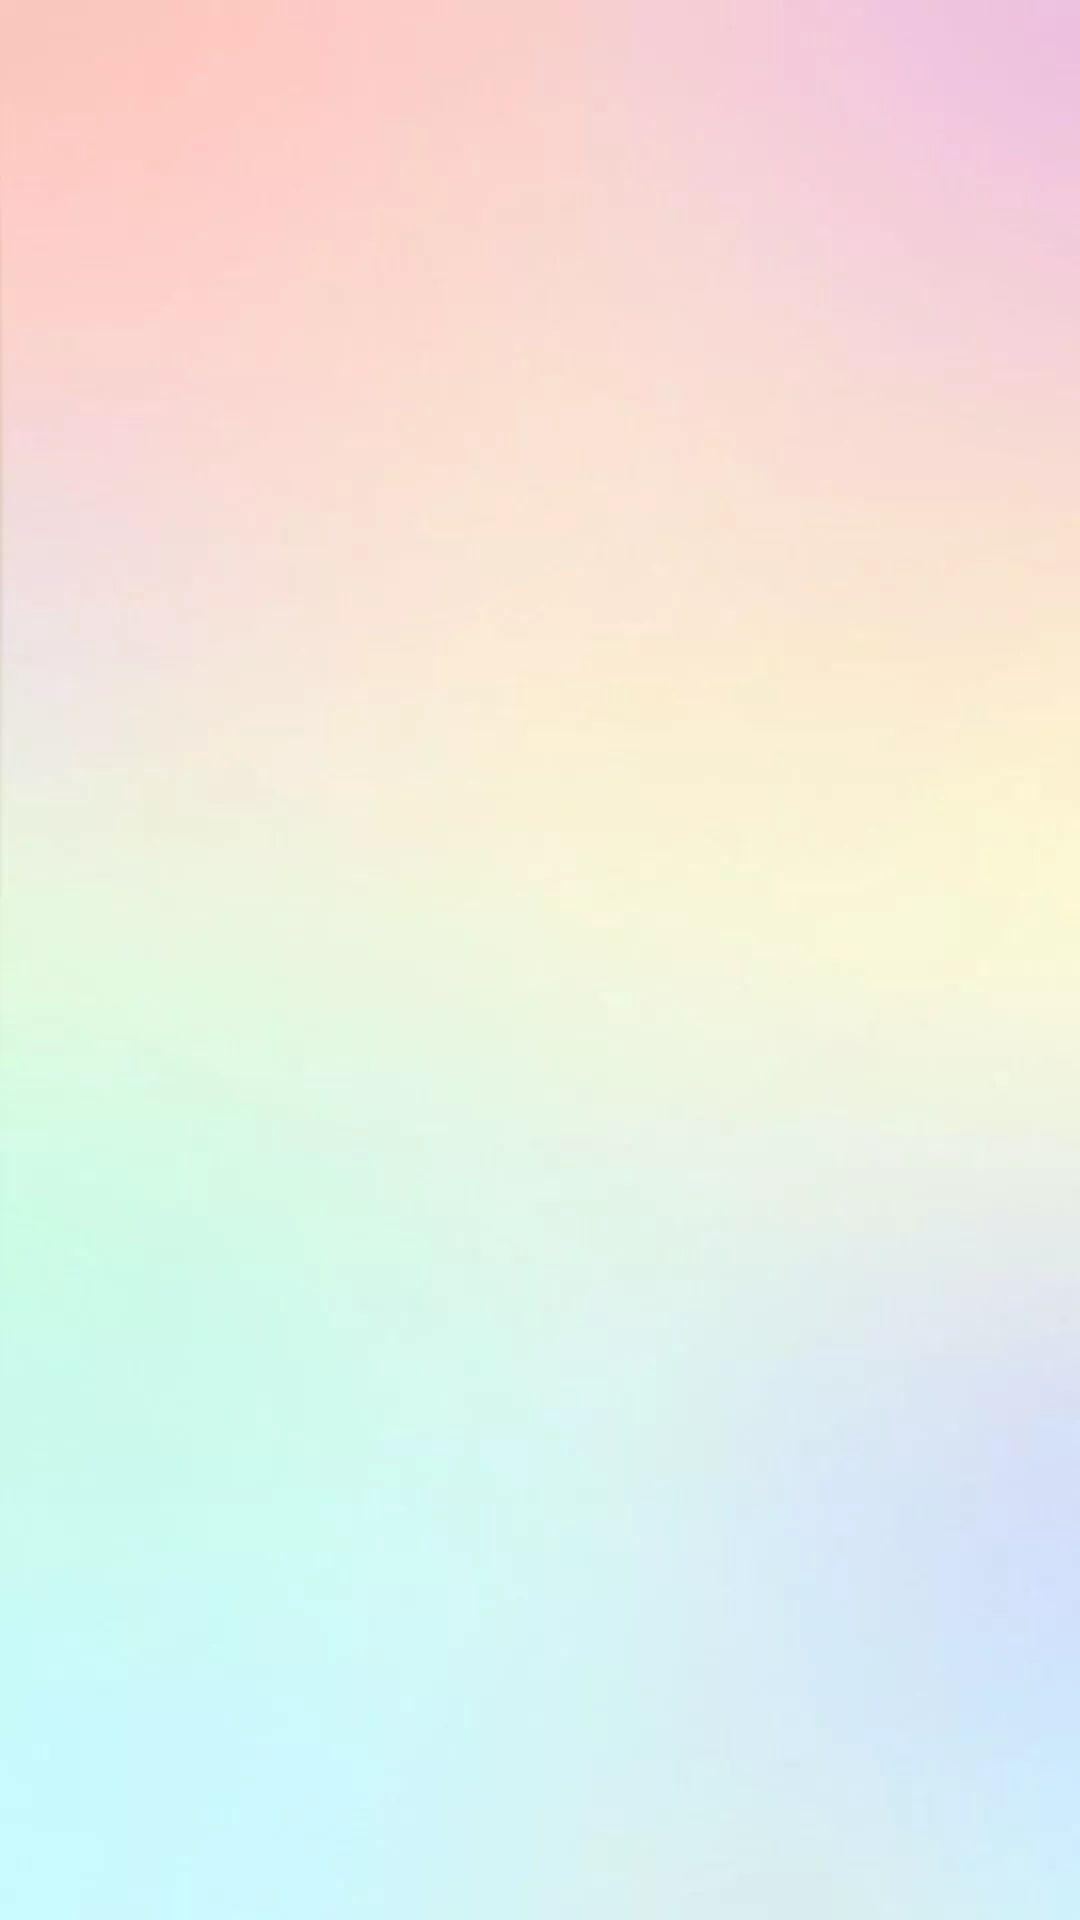 国内资讯_50张超唯美的纯色和渐变色手机壁纸!总有你喜欢的颜色! - LEESHARING